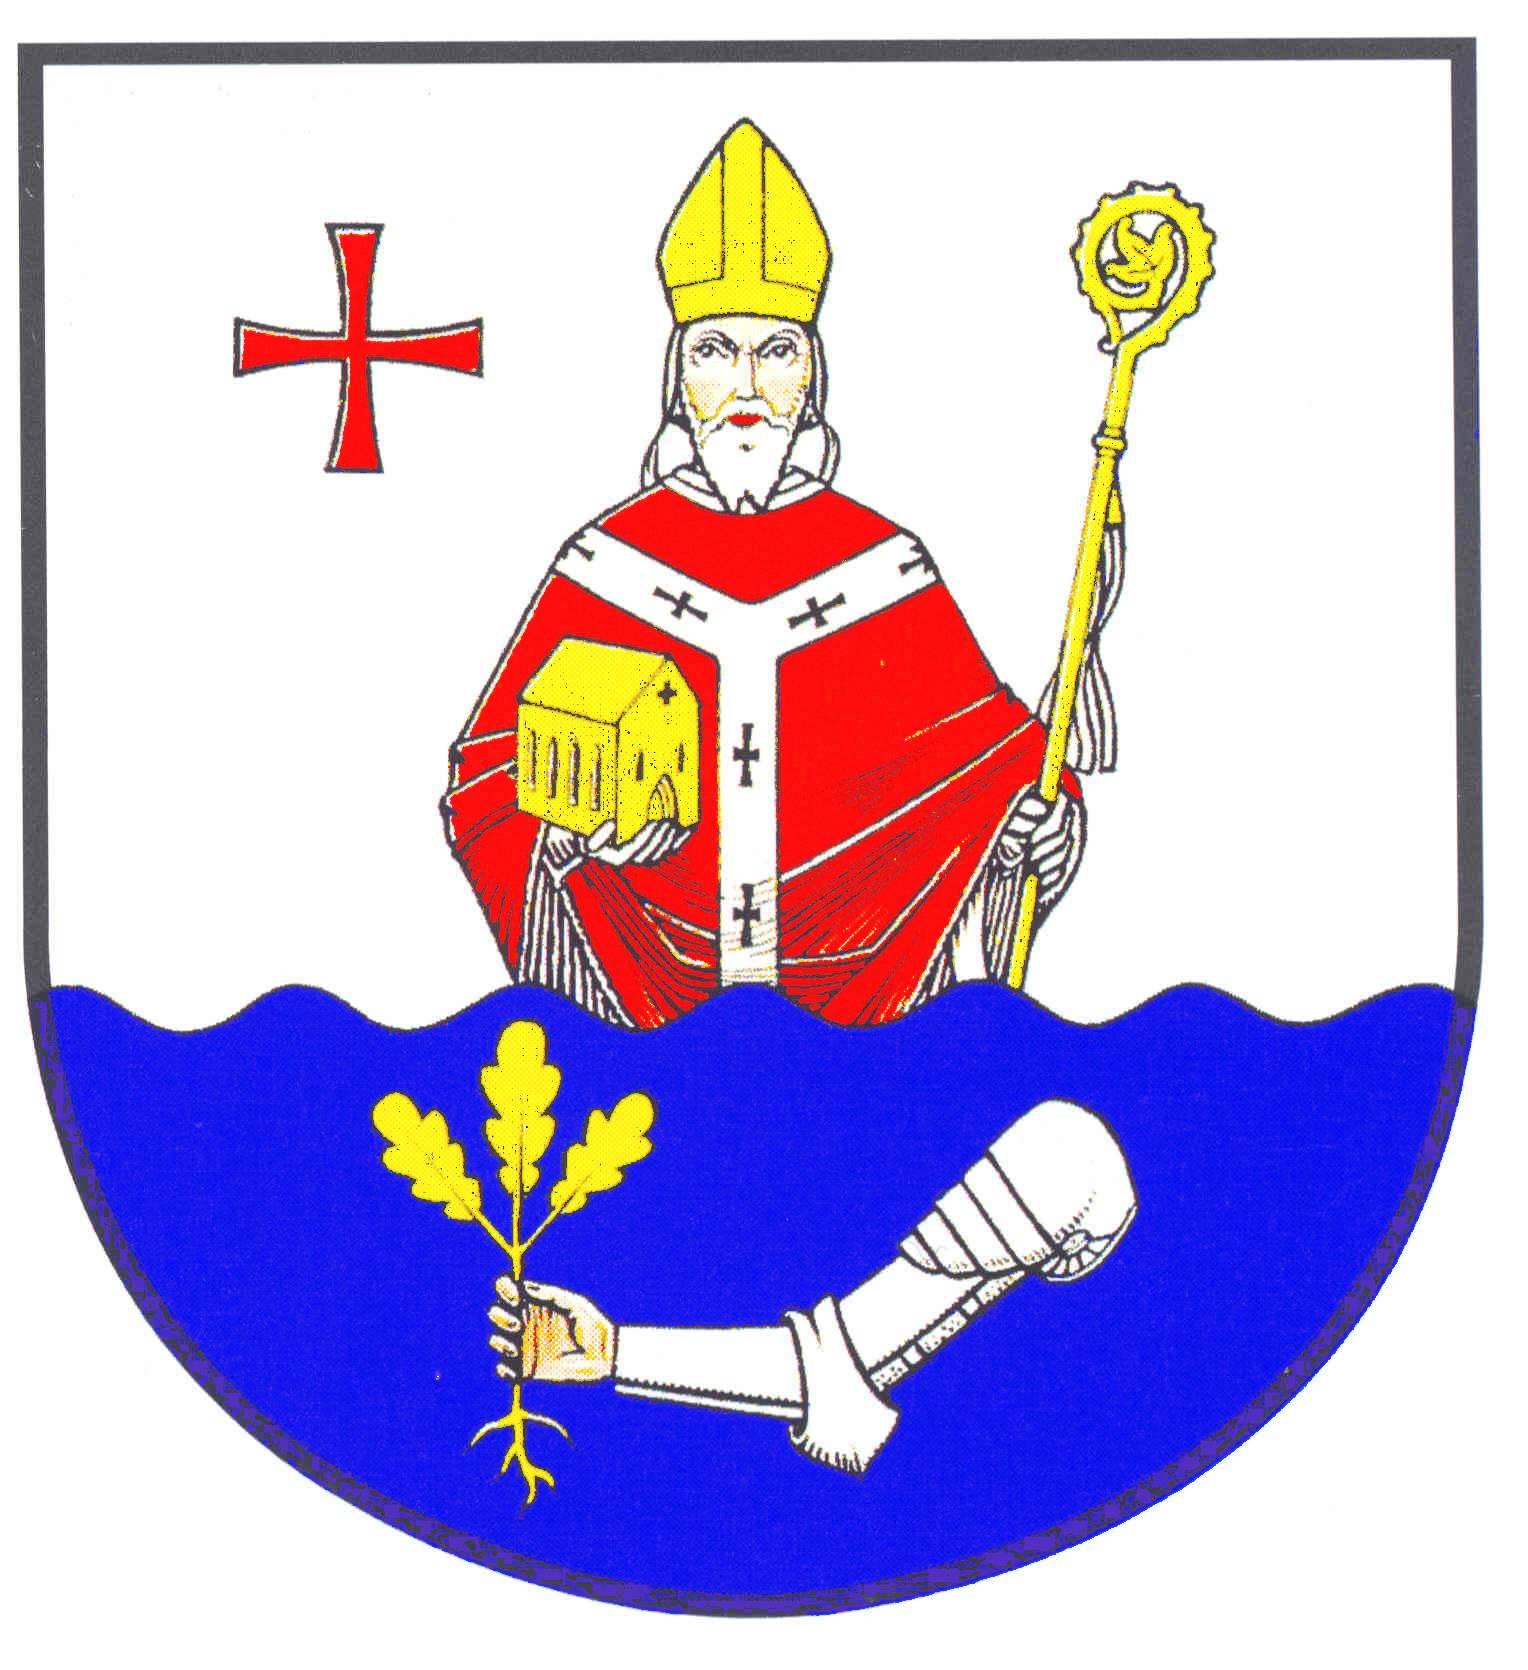 Wappen GemeindeHanerau-Hademarschen, Kreis Rendsburg-Eckernförde